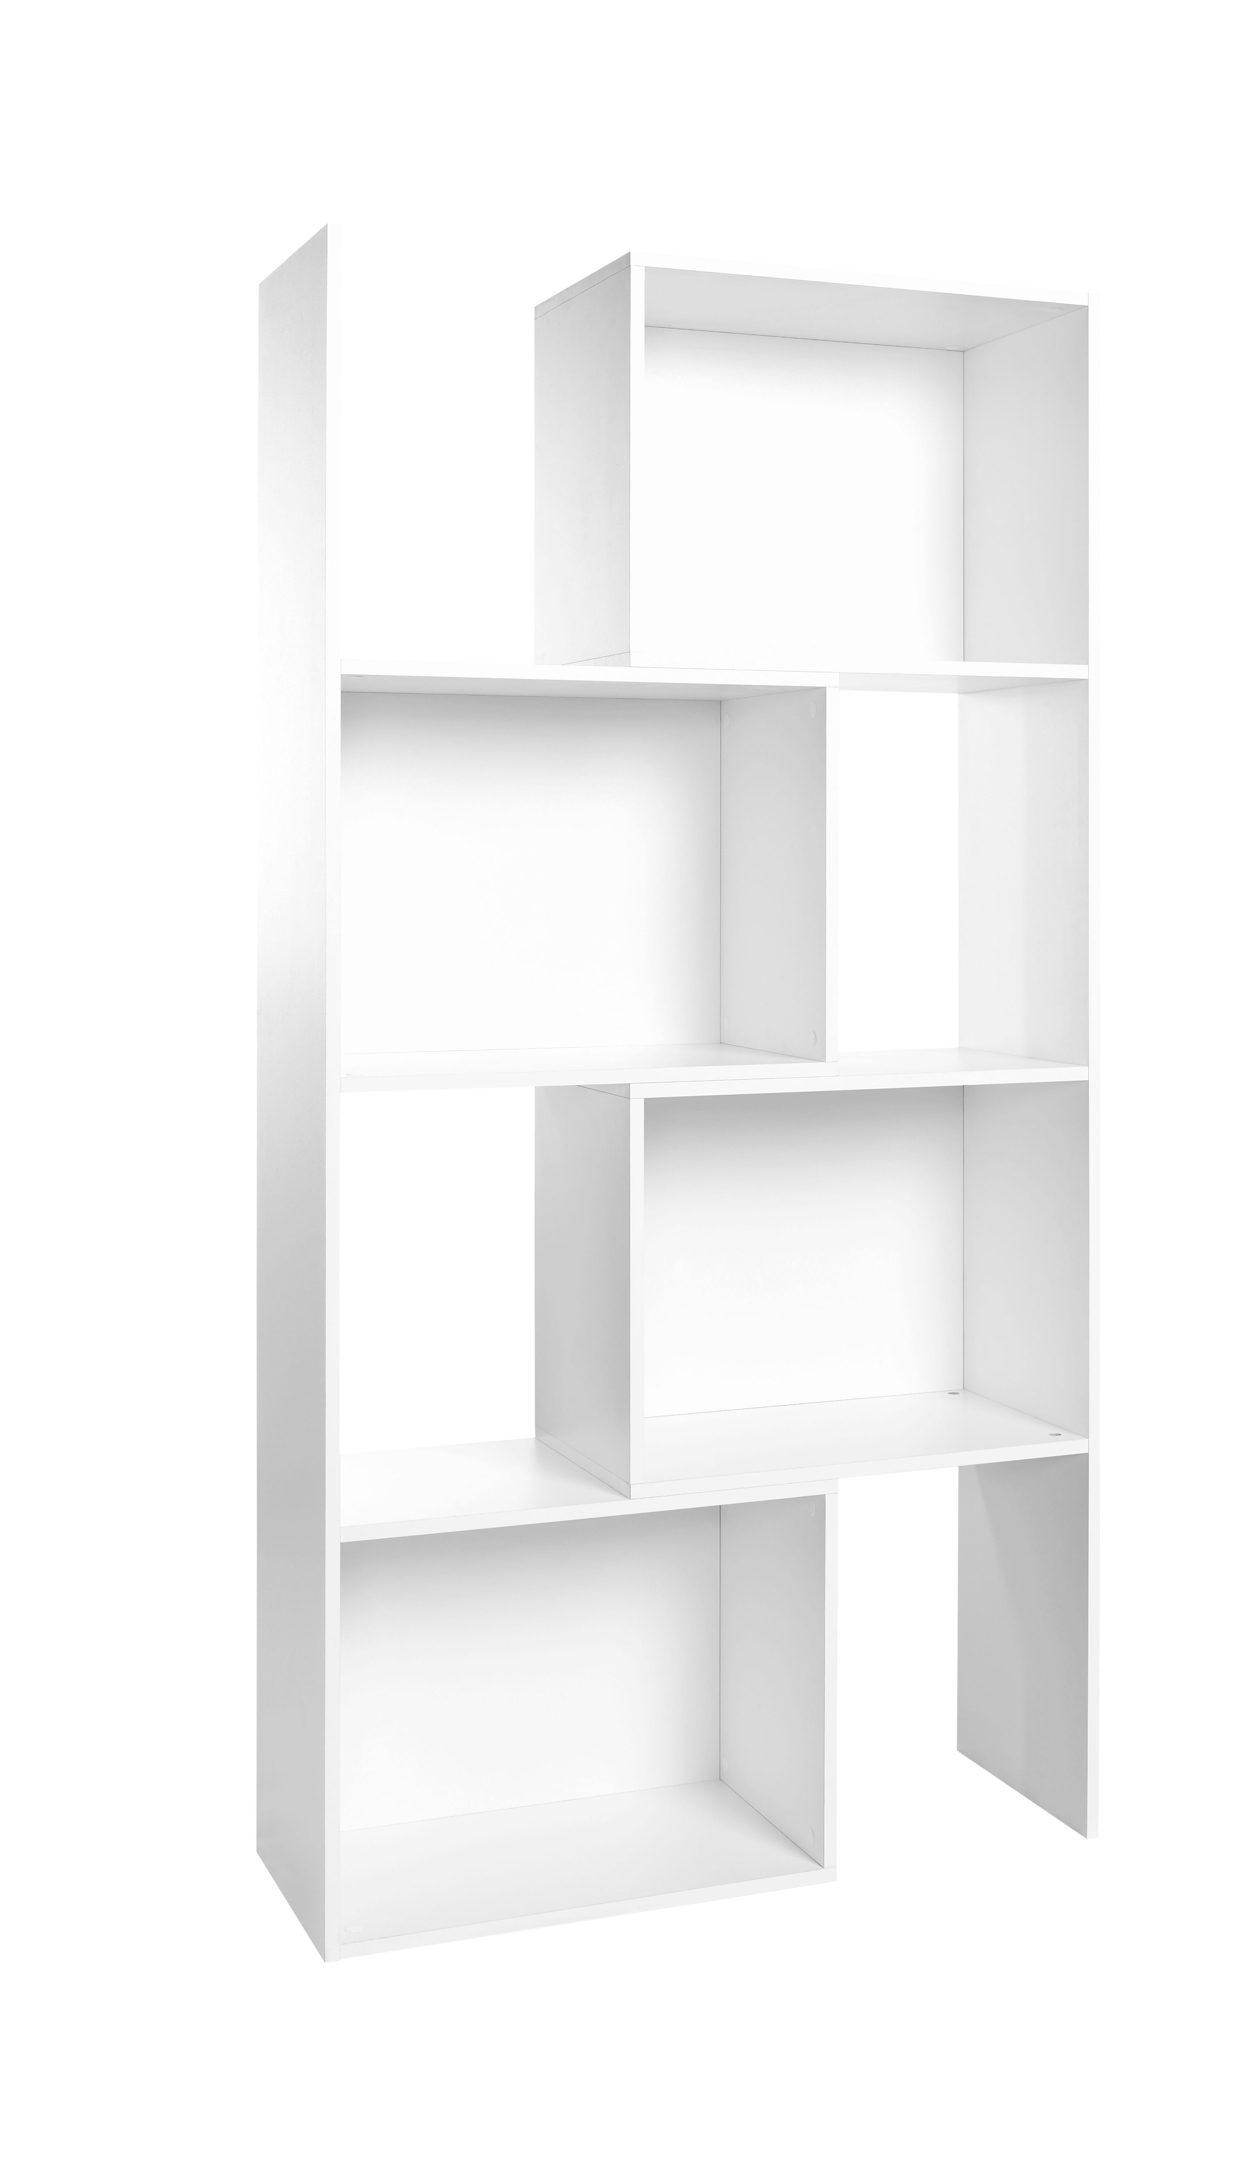 Badezimmer Regale möbel frauendorfer amberg wohnbereich badezimmer regale